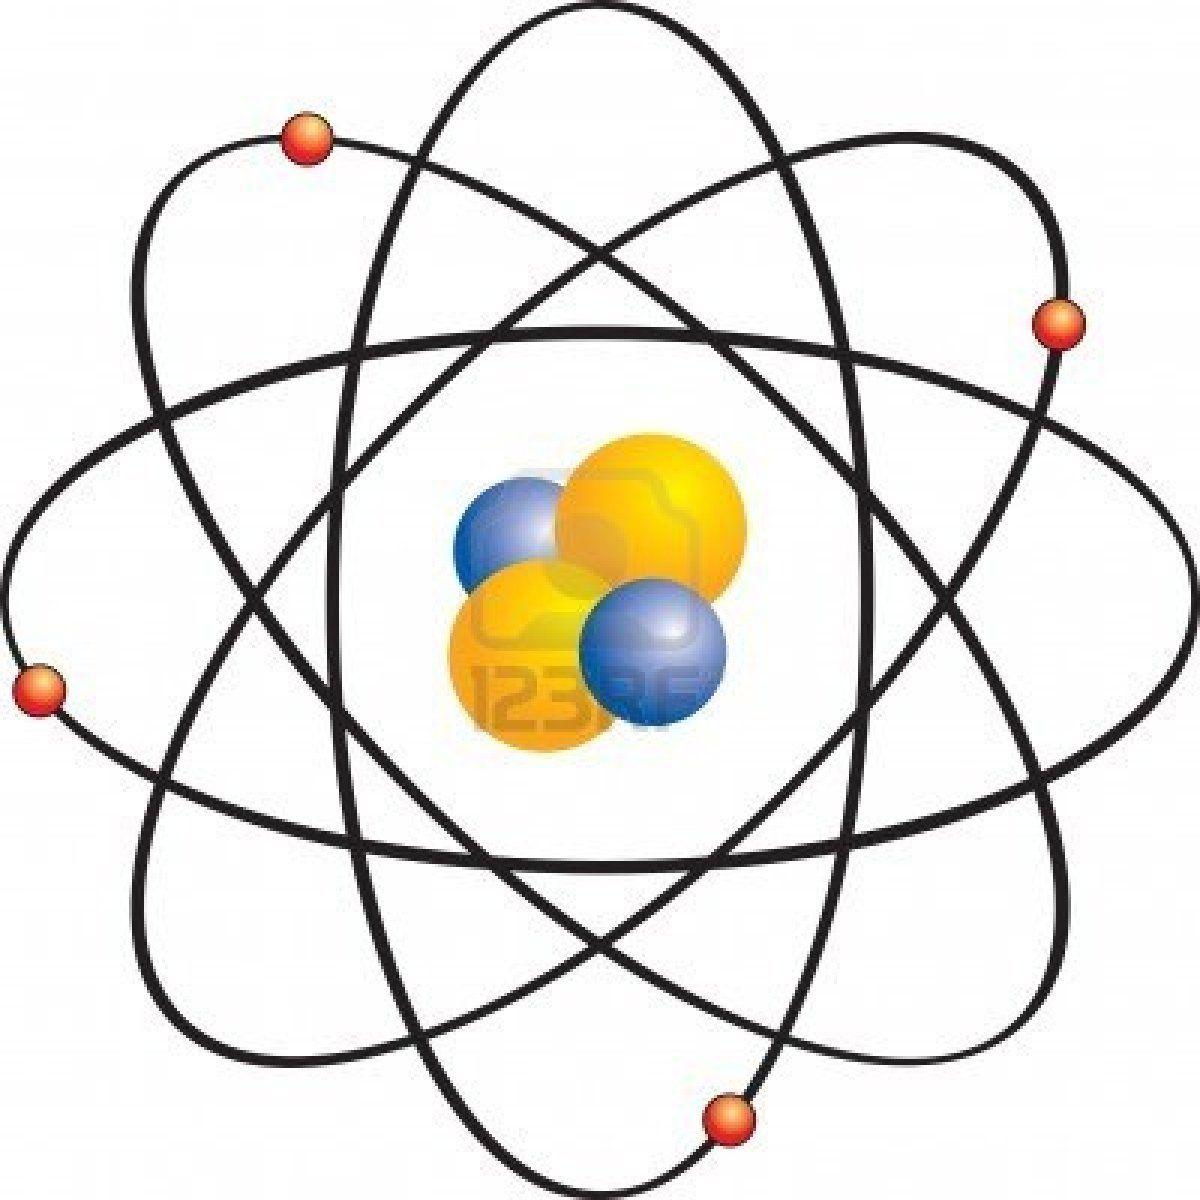 Neucleus Electrons Buzz Around Neucleus Sort Of Orbit Jump